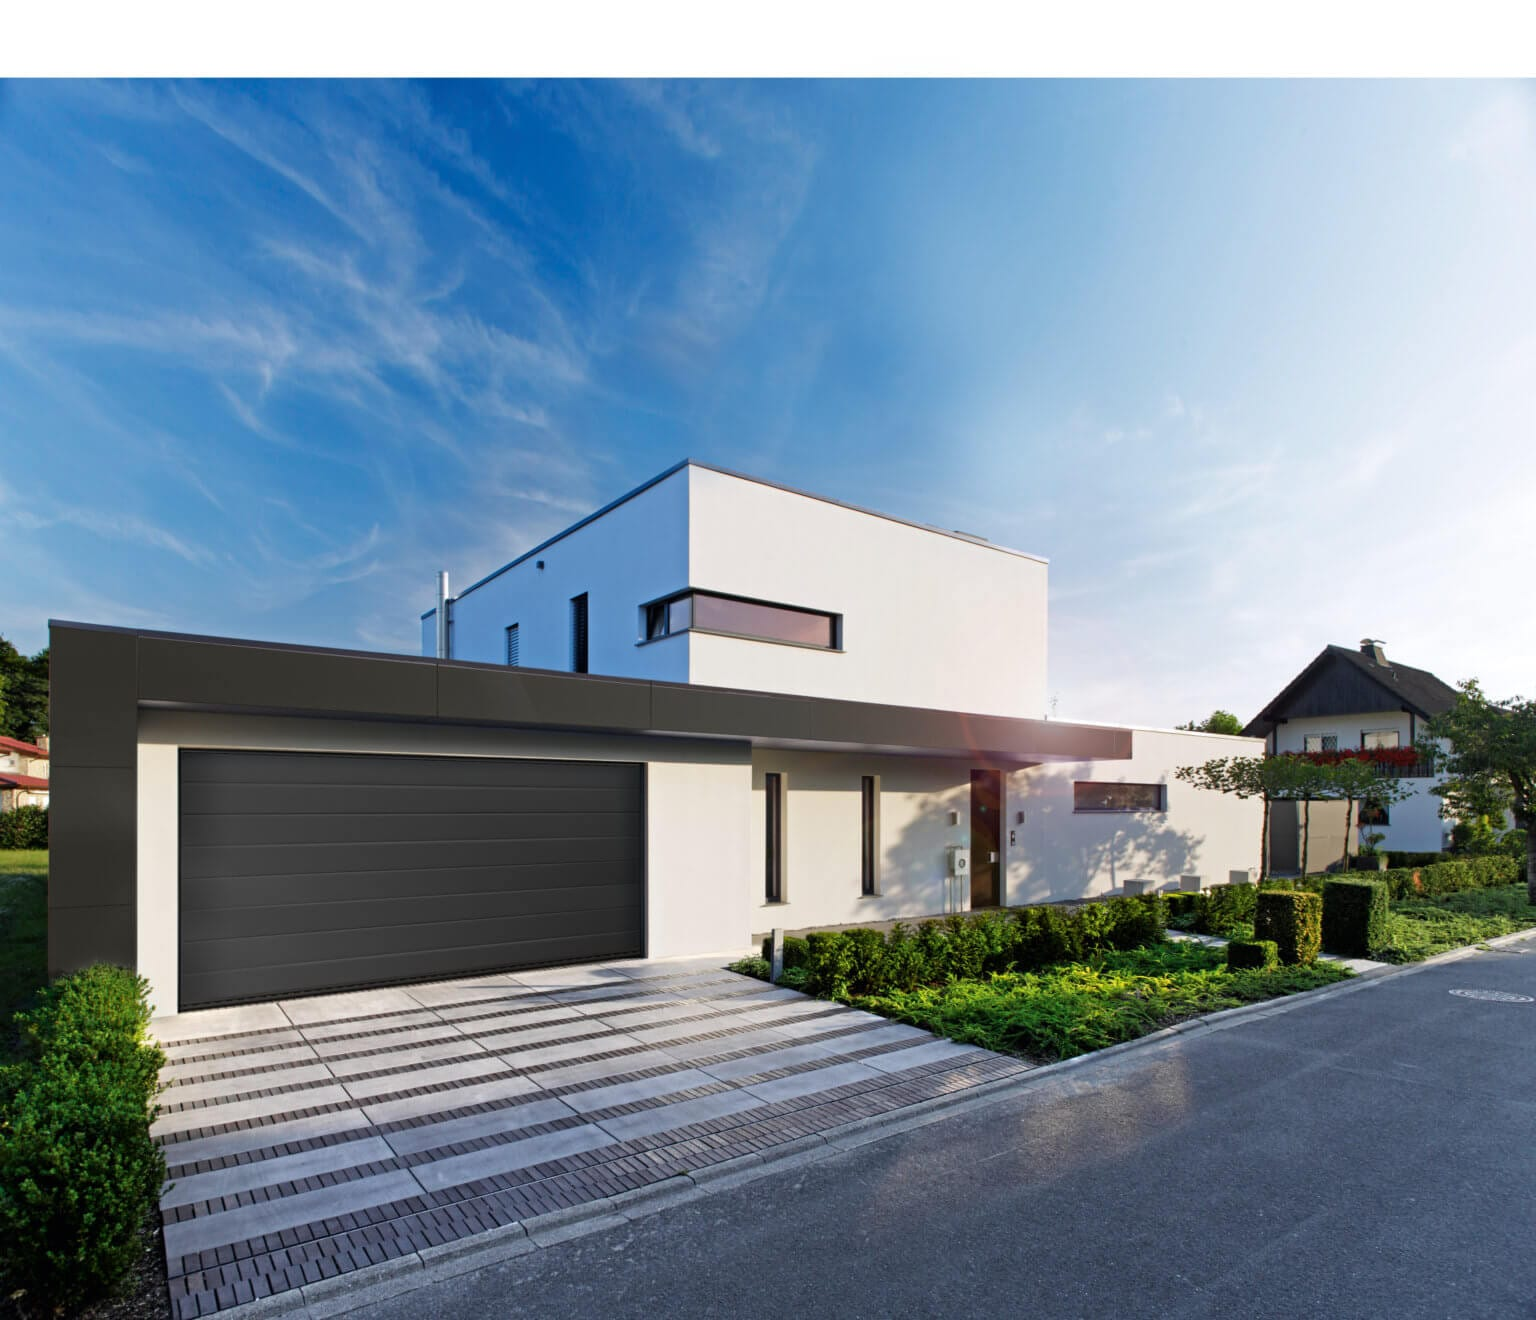 Garage, Haus, Wohnen, garage, house, living